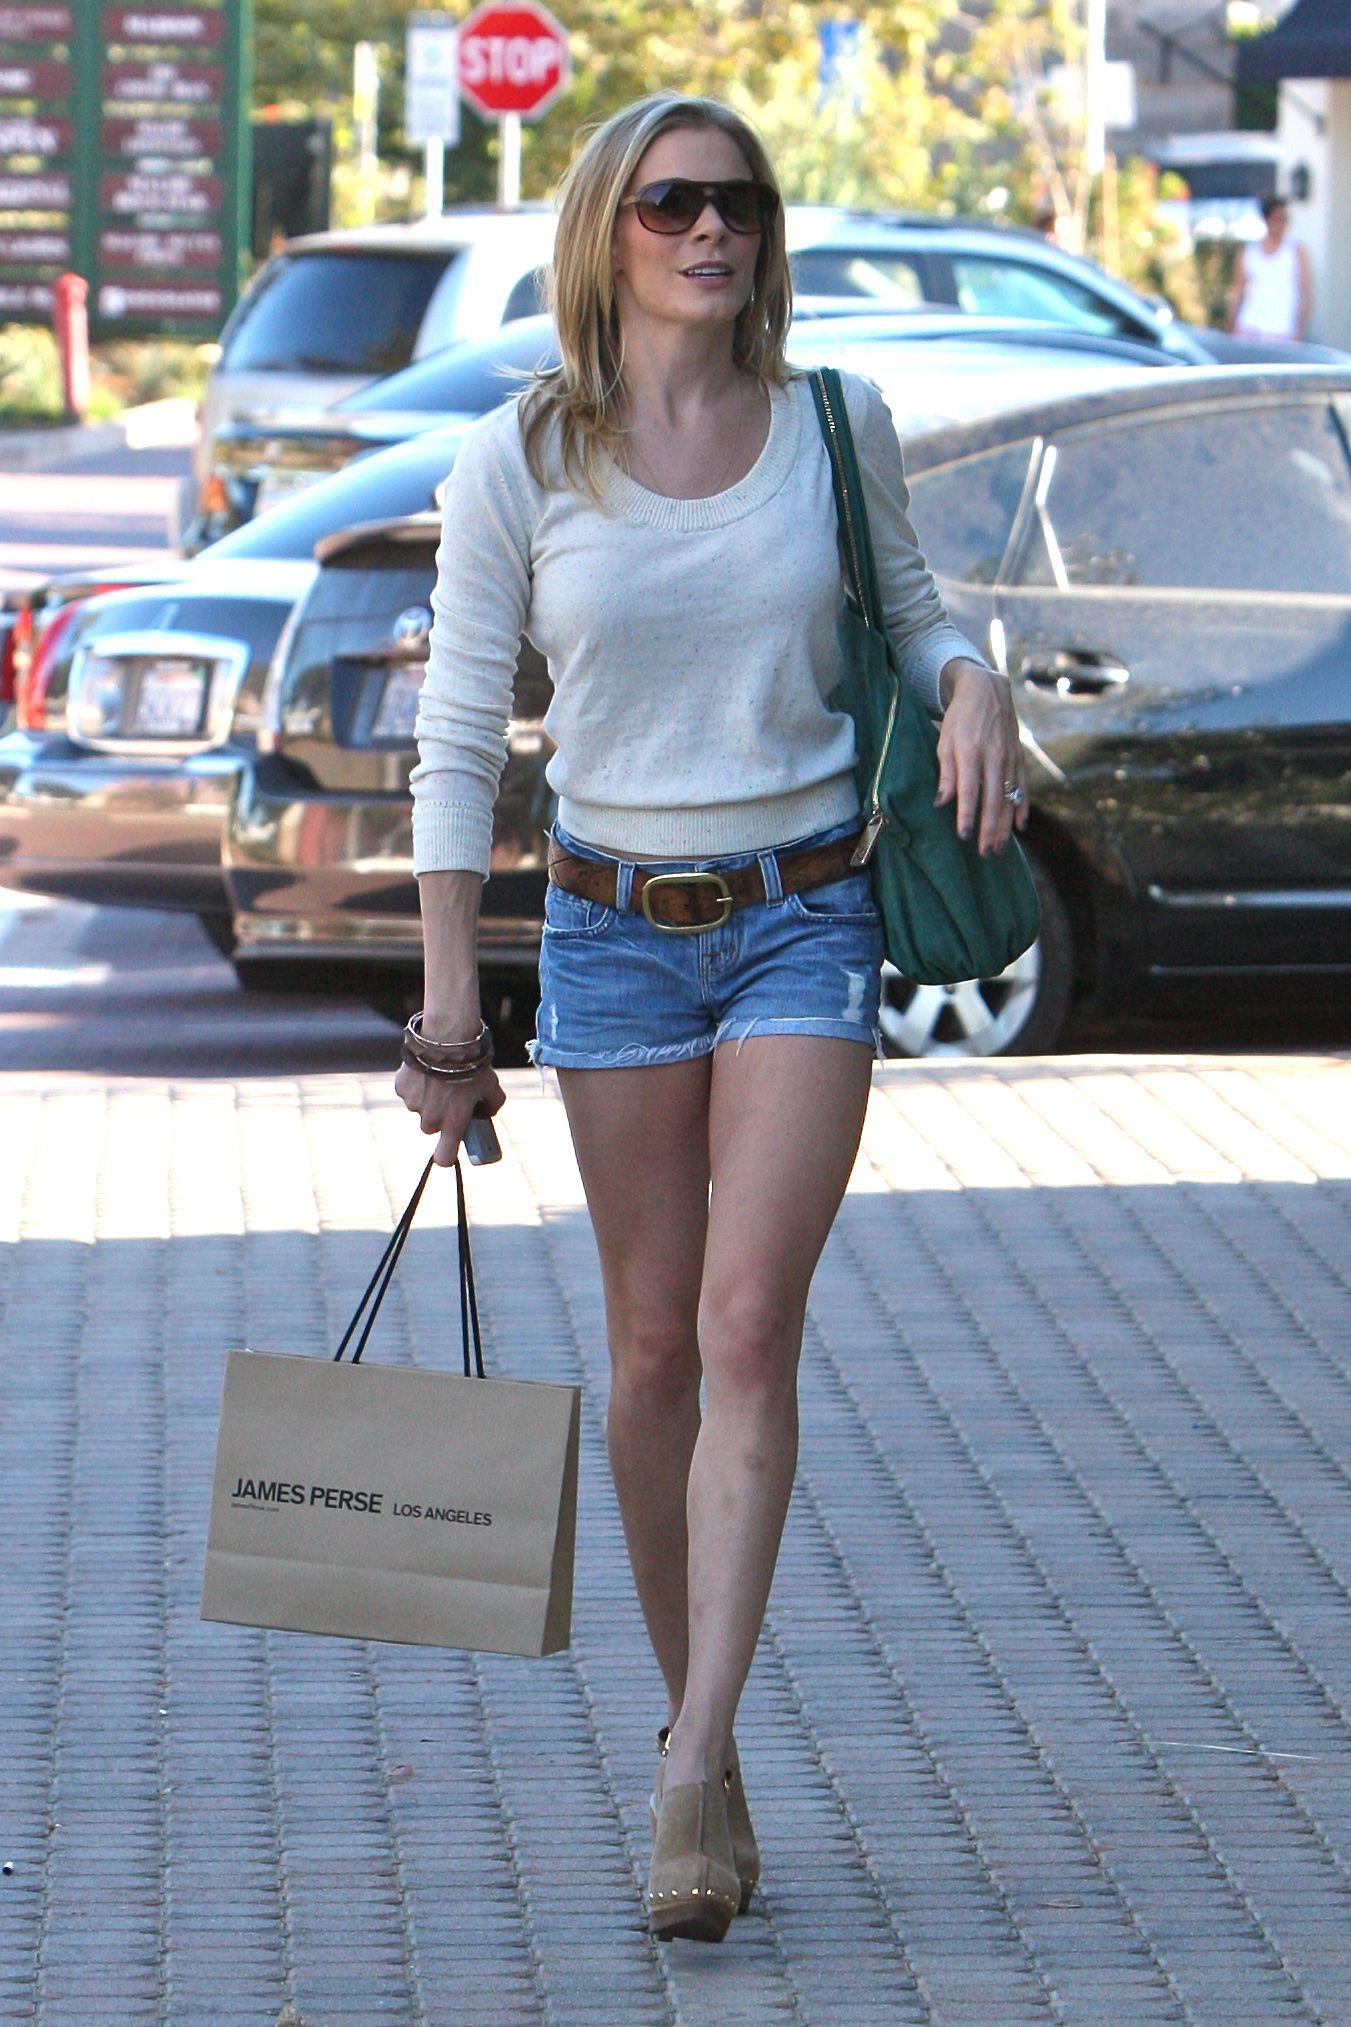 Leann Rimes Jeans Shorts Candids 06 Gotceleb